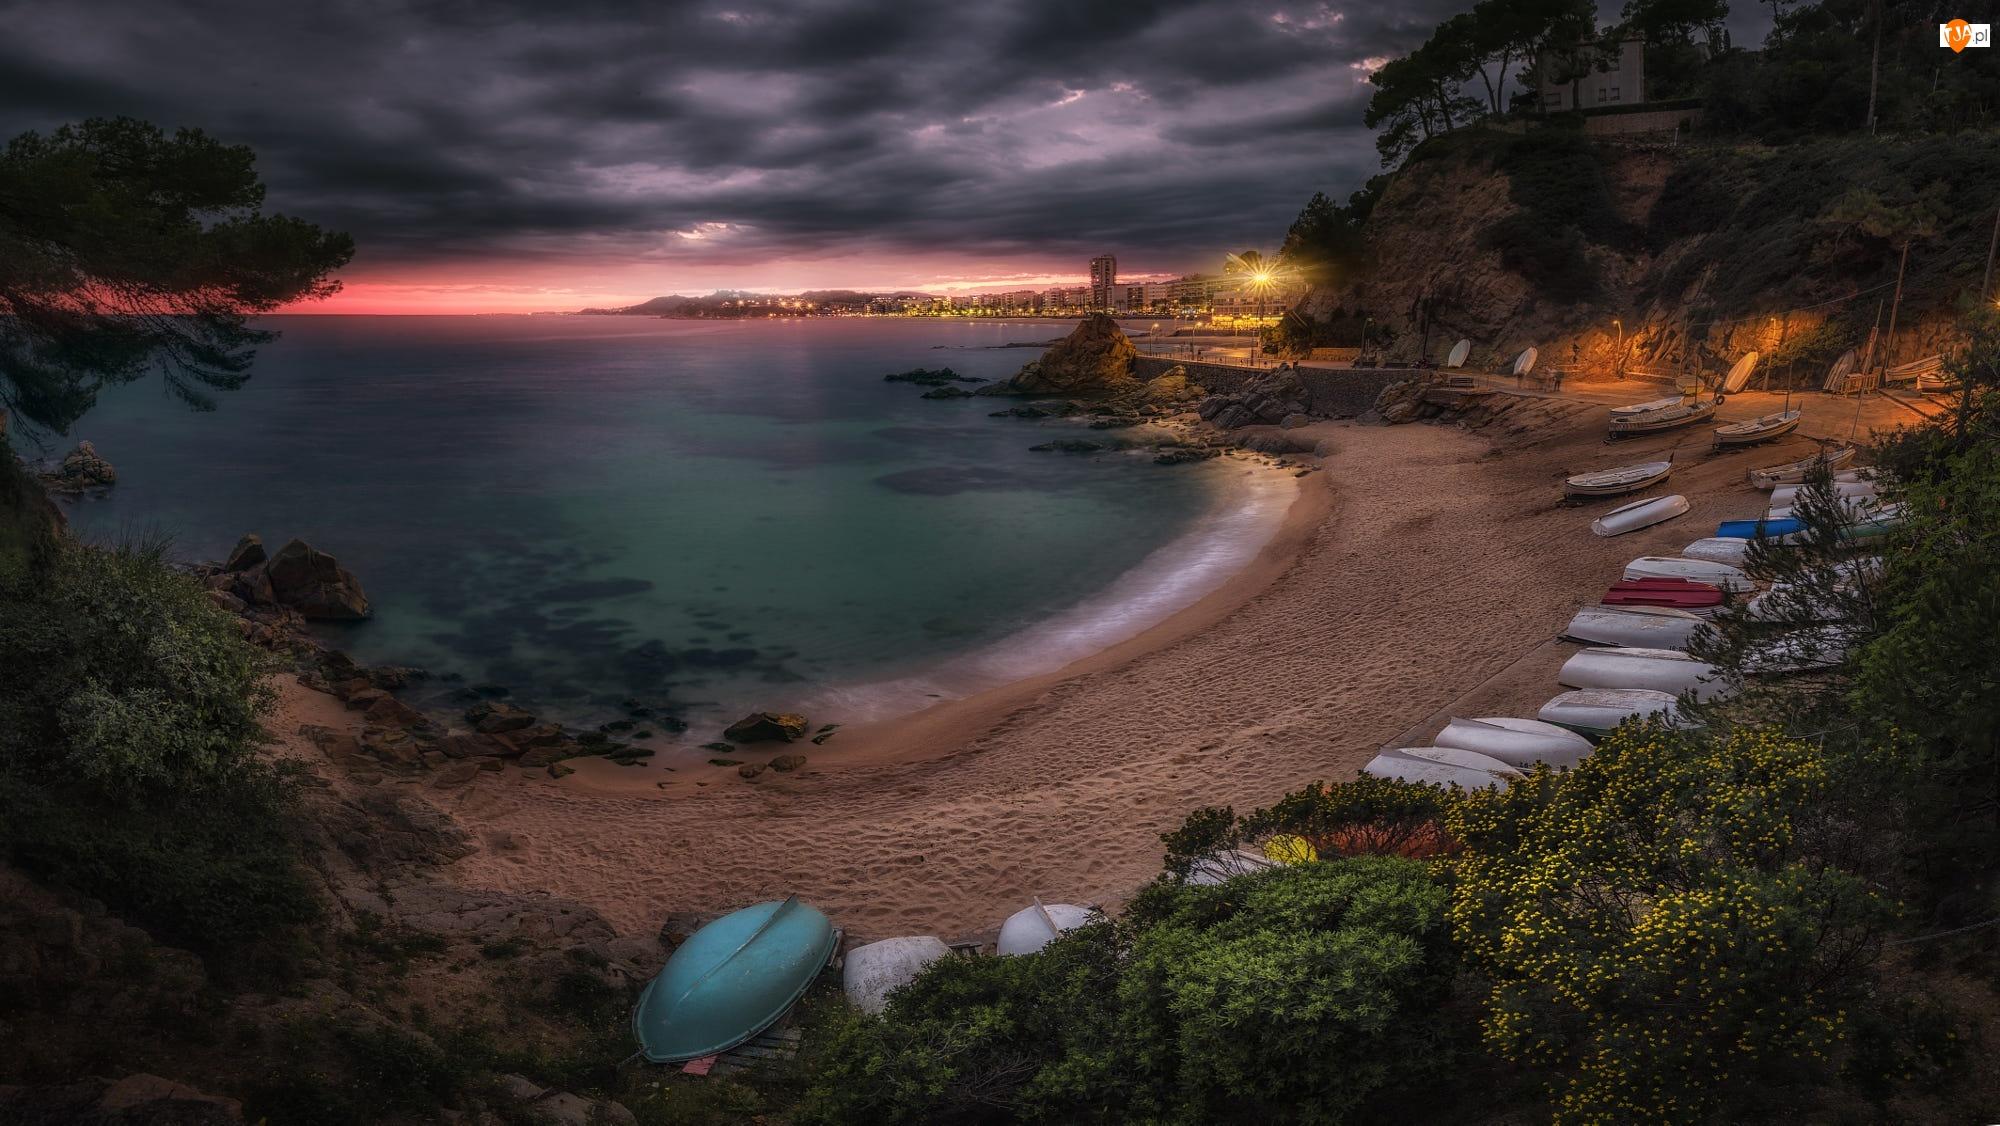 Plaża, Łódki, Hiszpania, Morze, Katalonia, Lloret de Mar, Domy